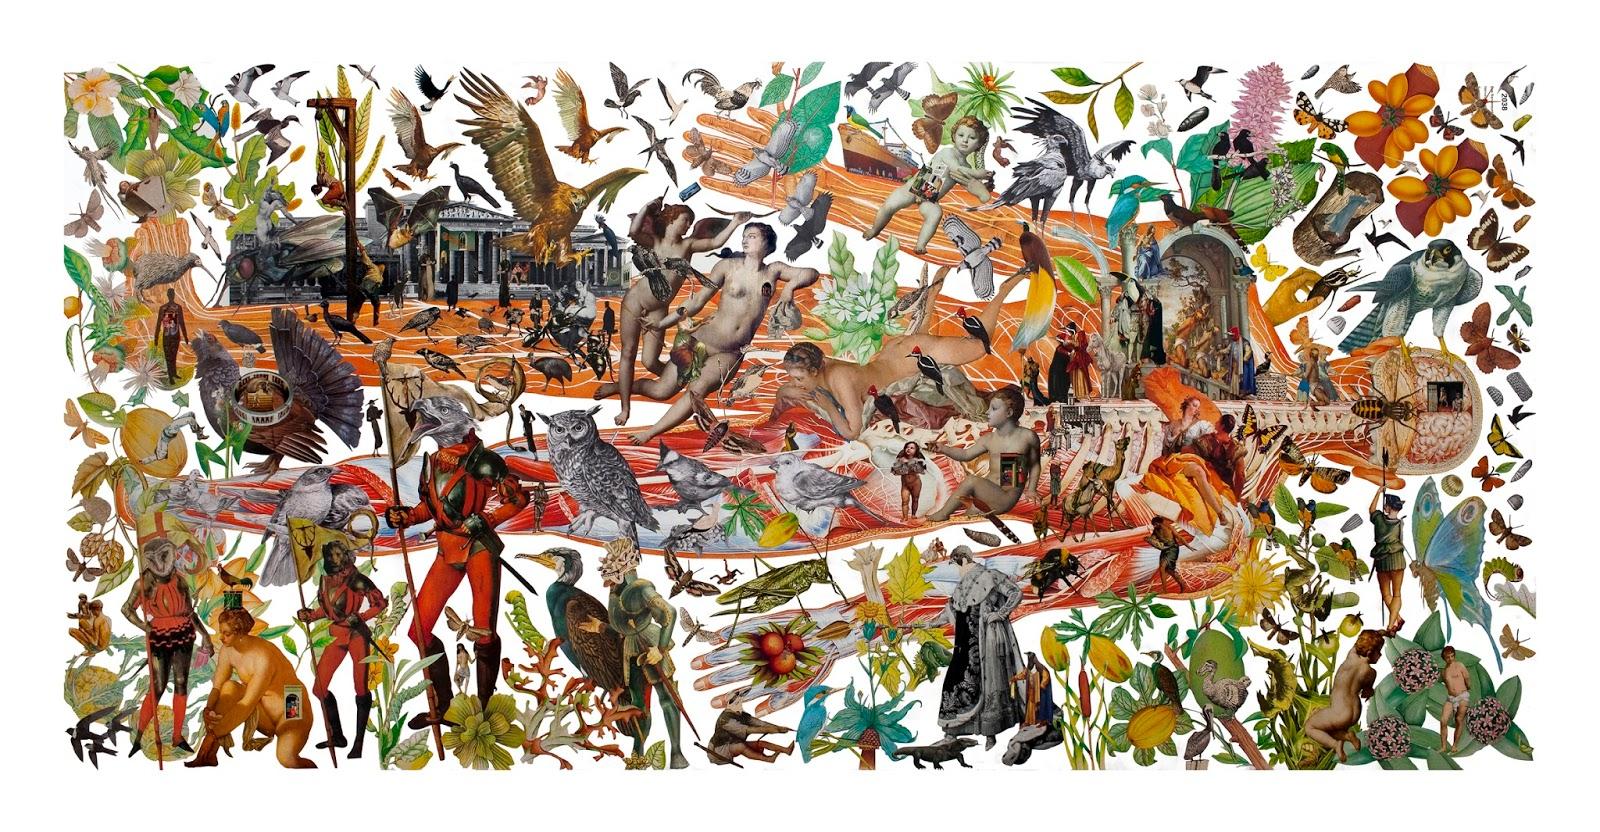 Bonito 12 Imagen De Trama Collage Bosquejo - Ideas de Arte Enmarcado ...